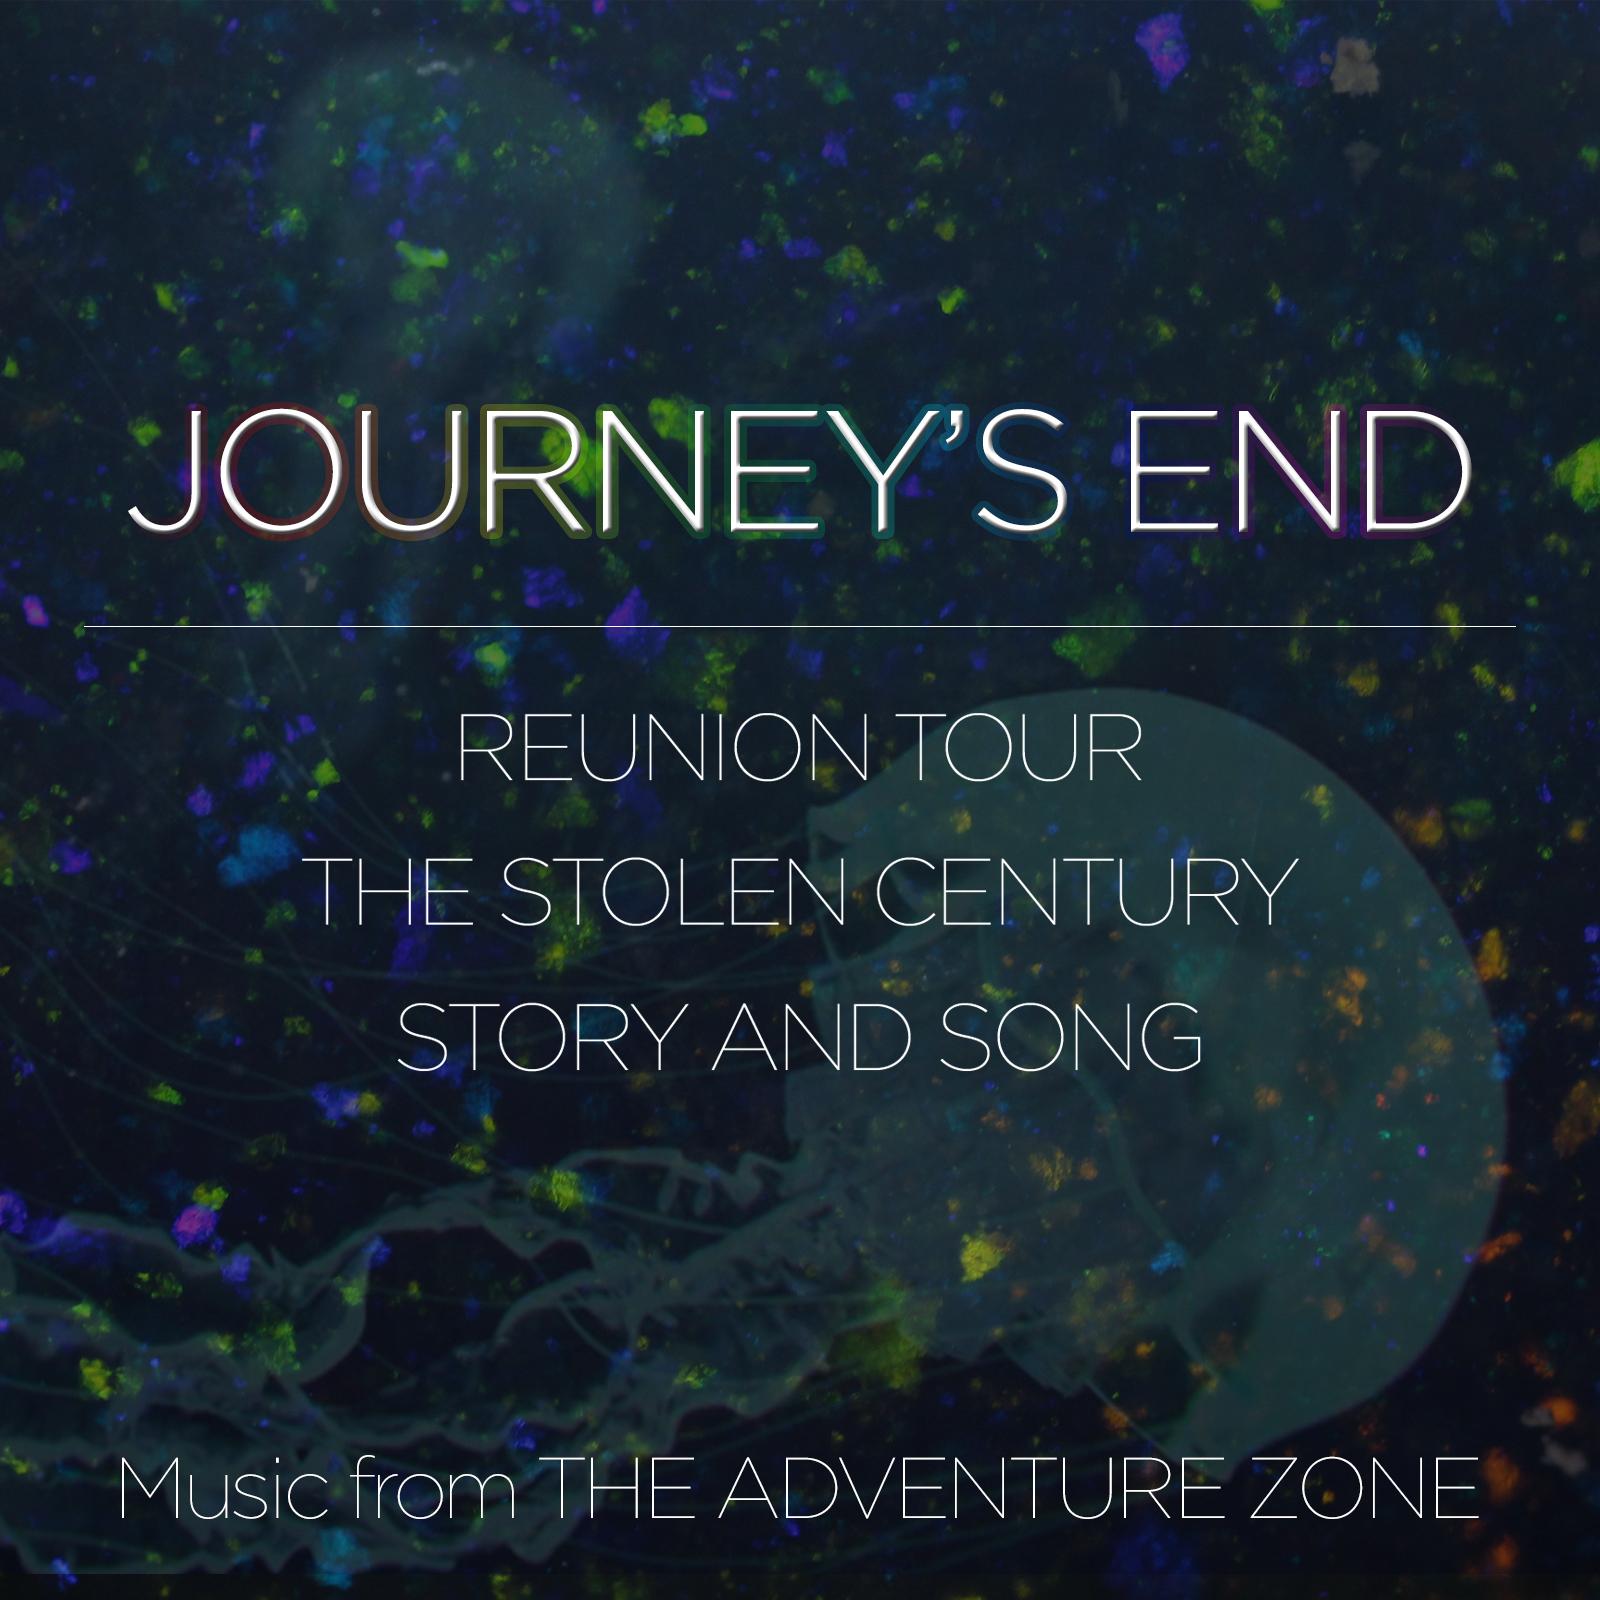 journeys end art final.jpg